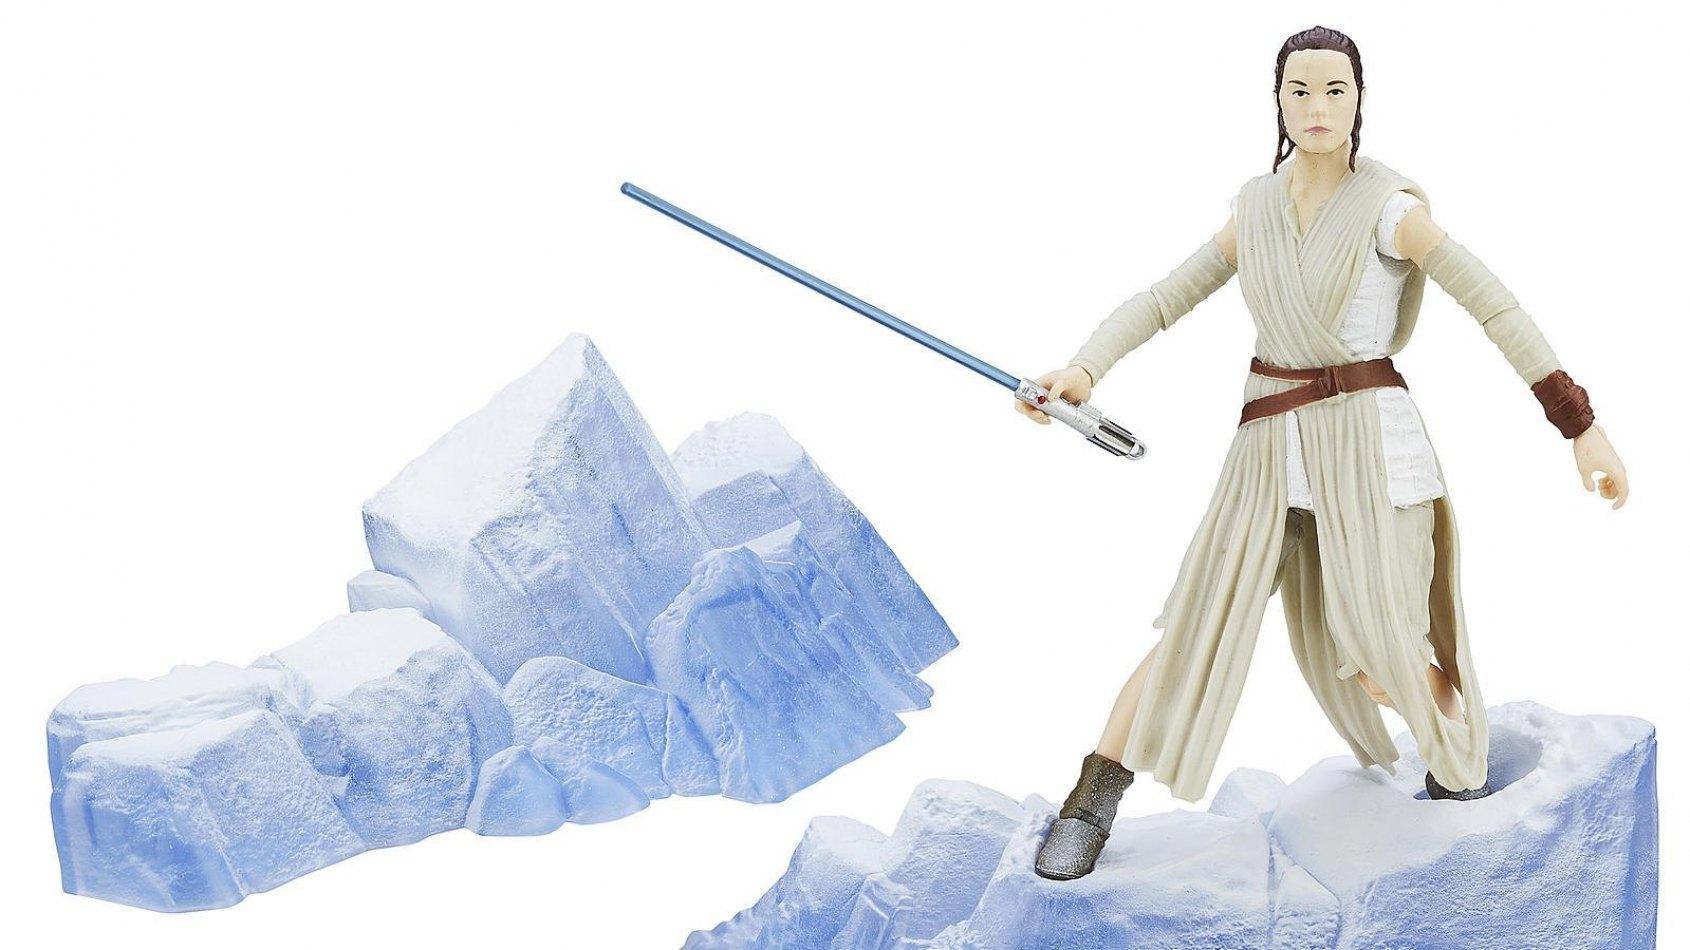 [Hasbro] Une figurine exclusive de Rey